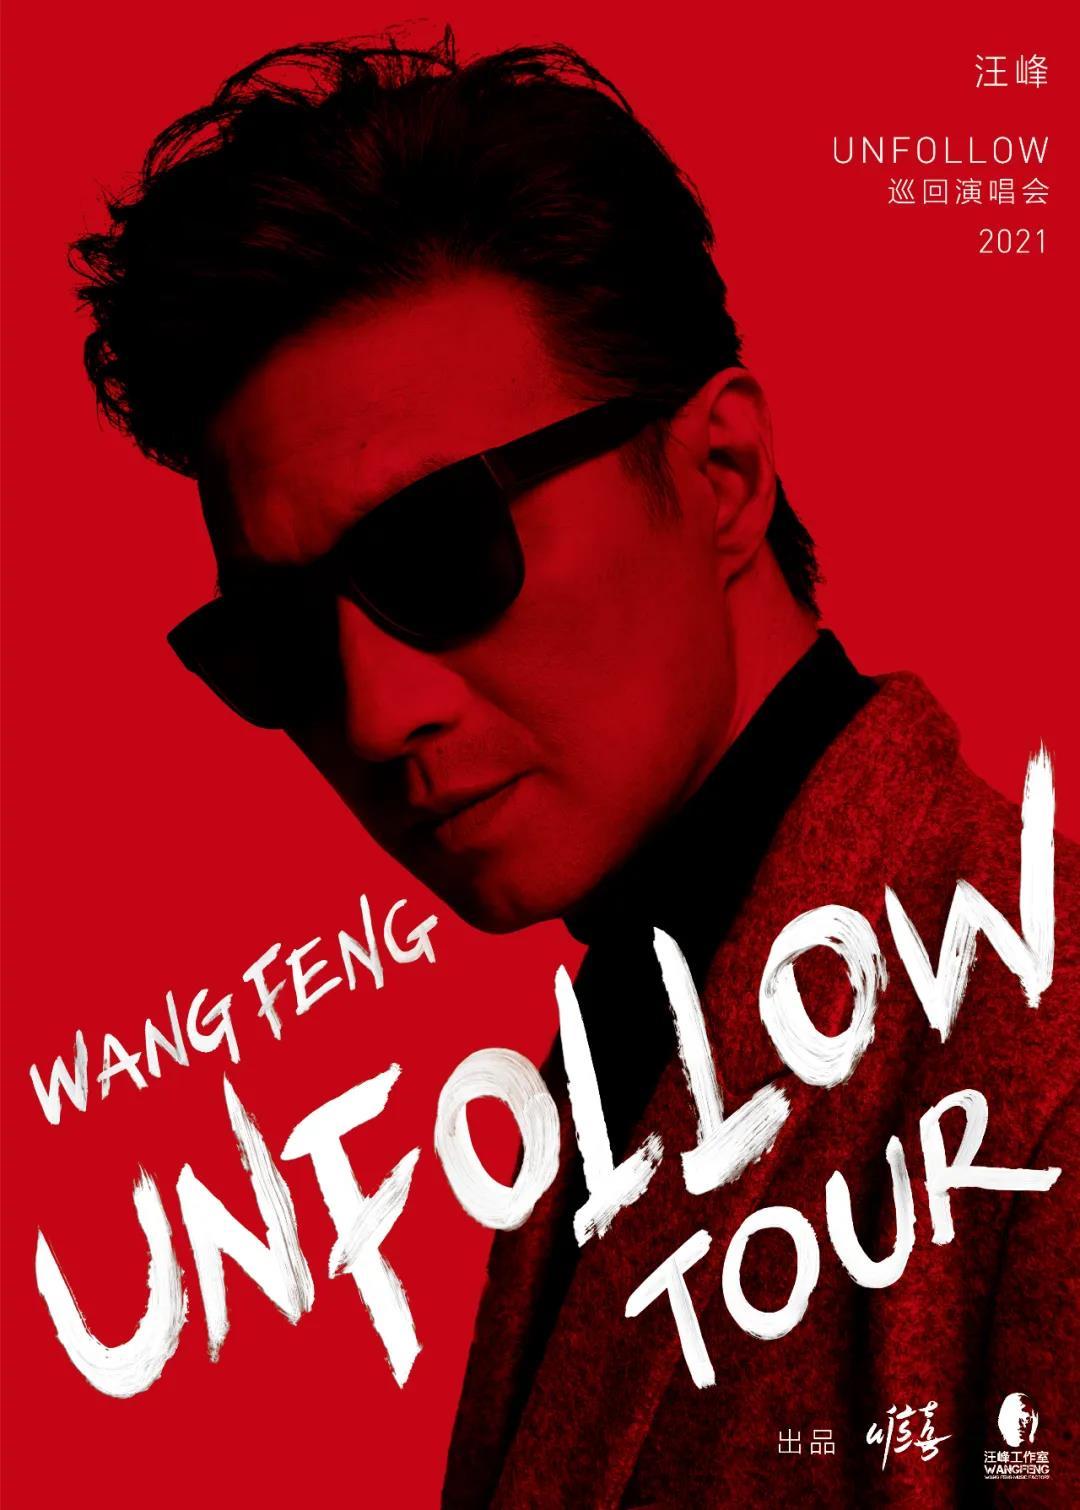 汪峰「UNFOLLOW」2021-2022巡回演唱会上海站